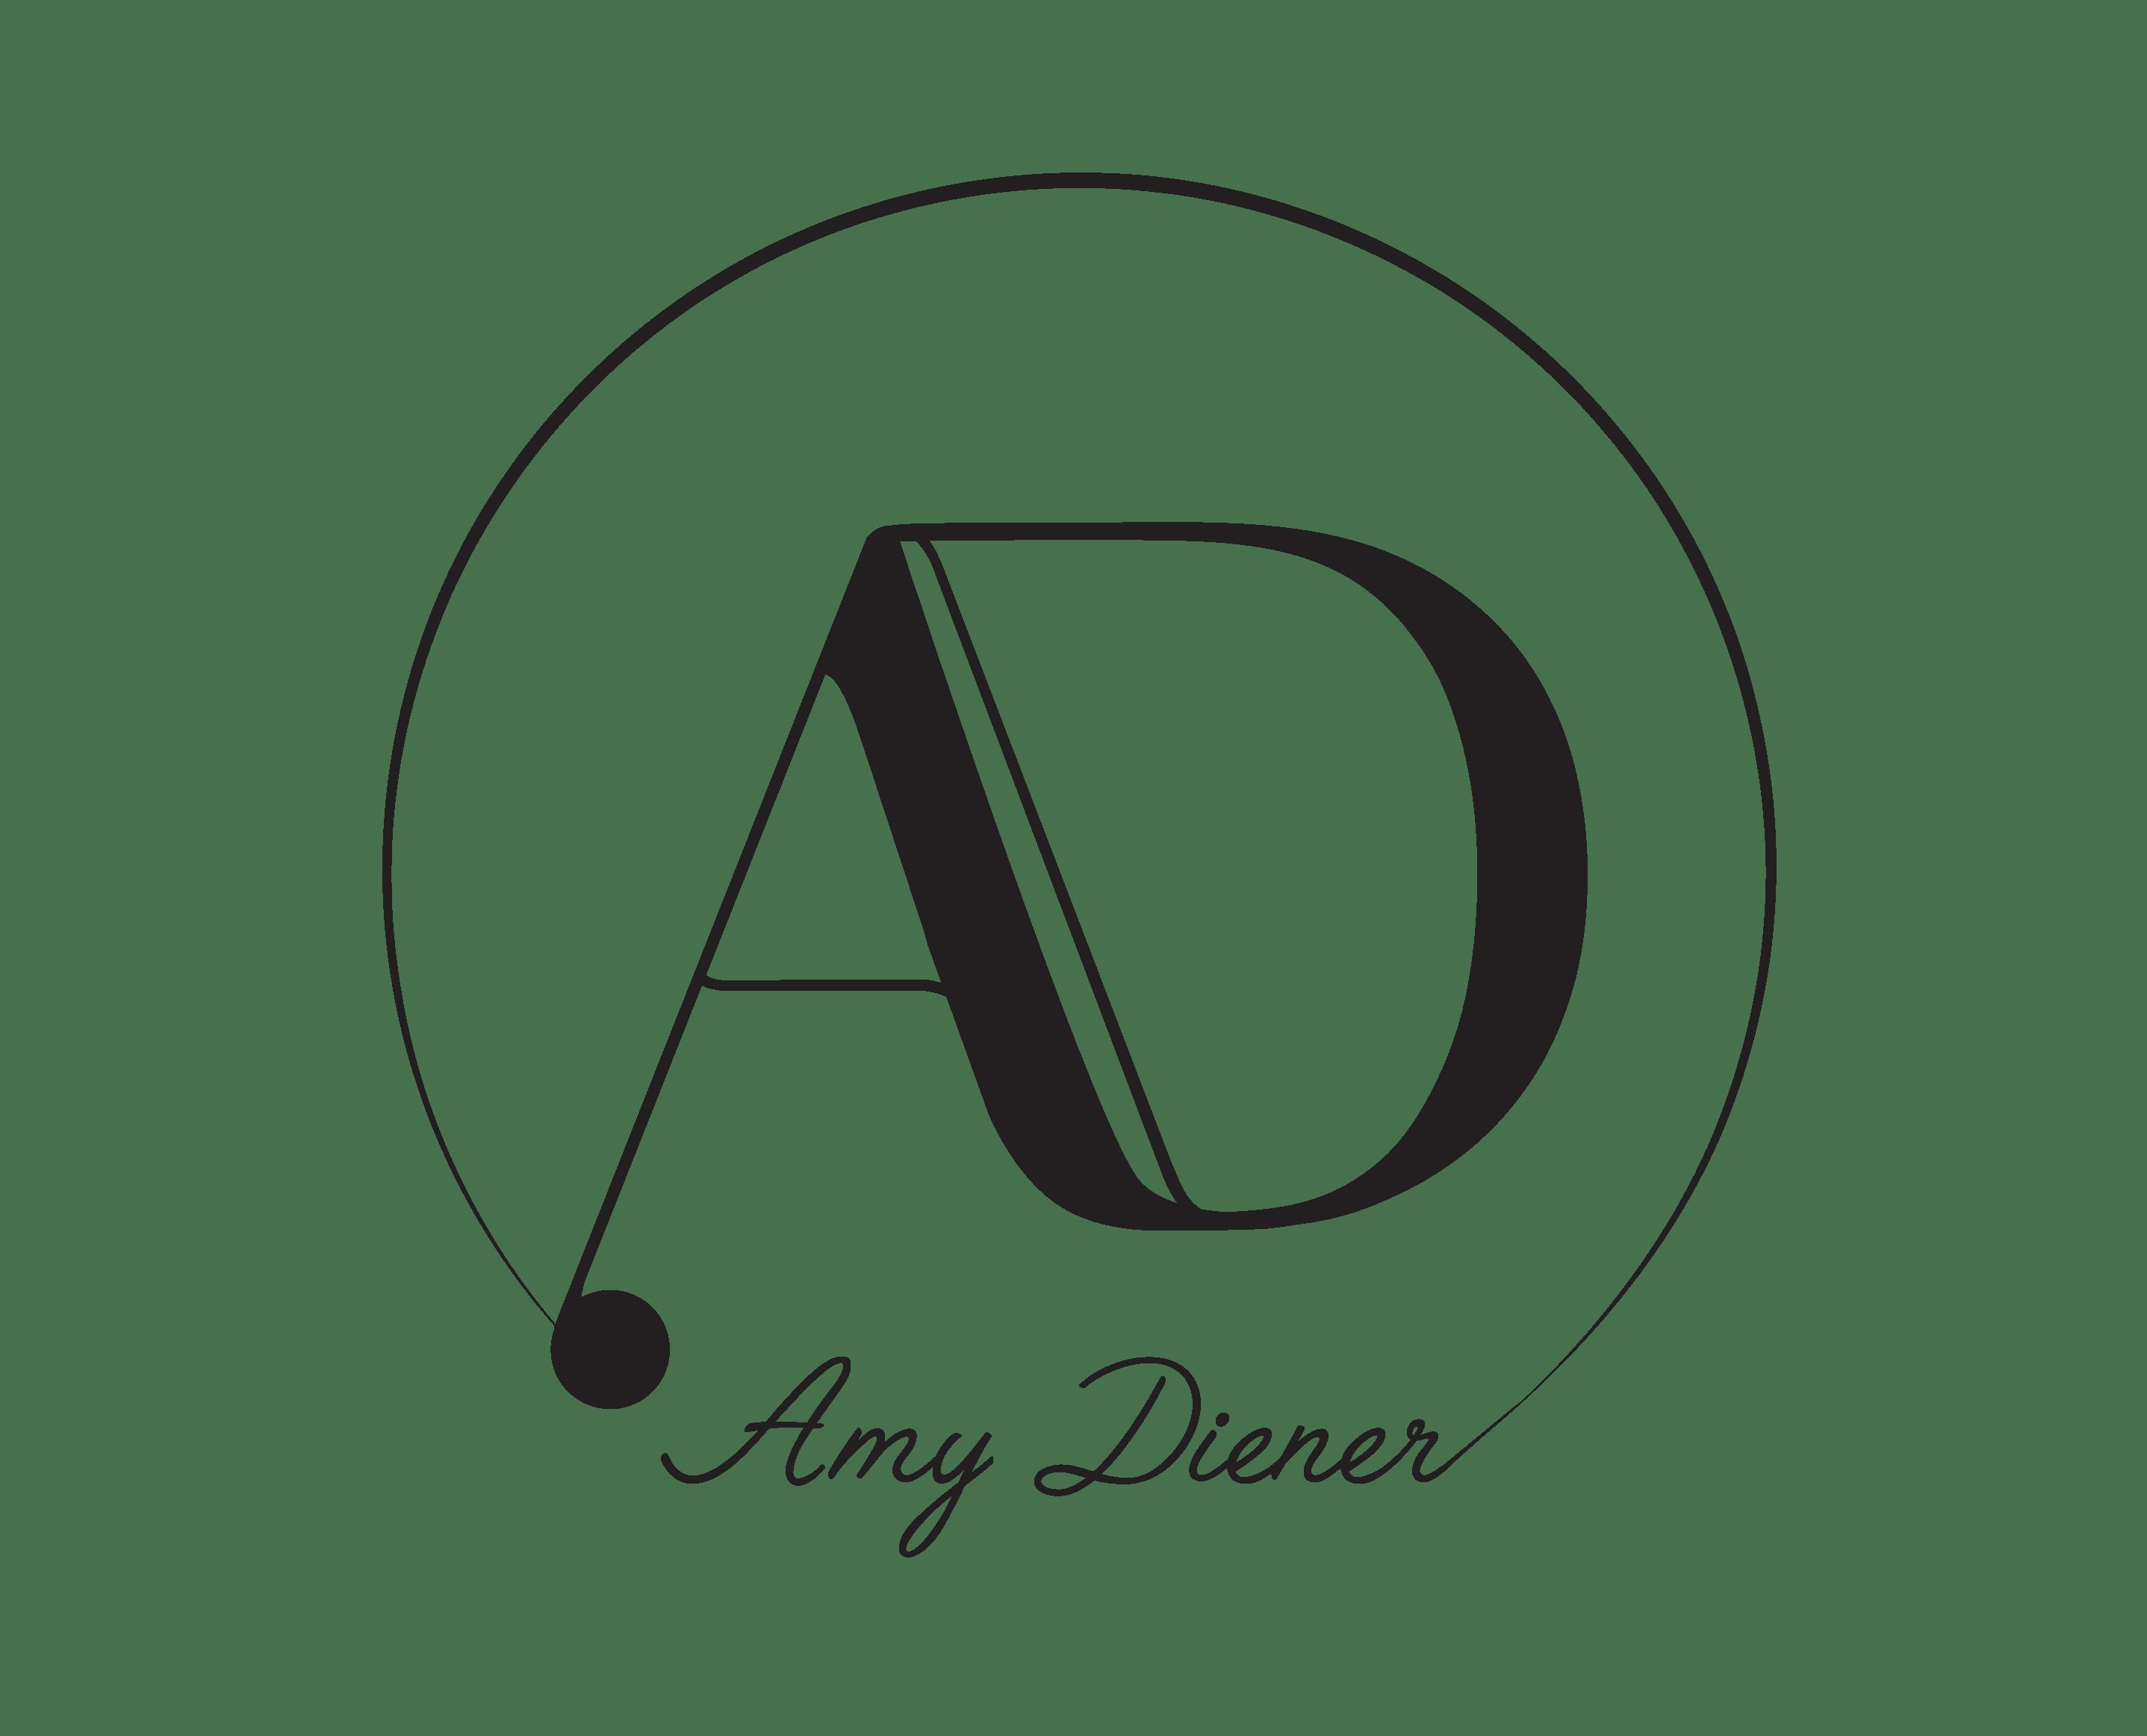 Amy Diener